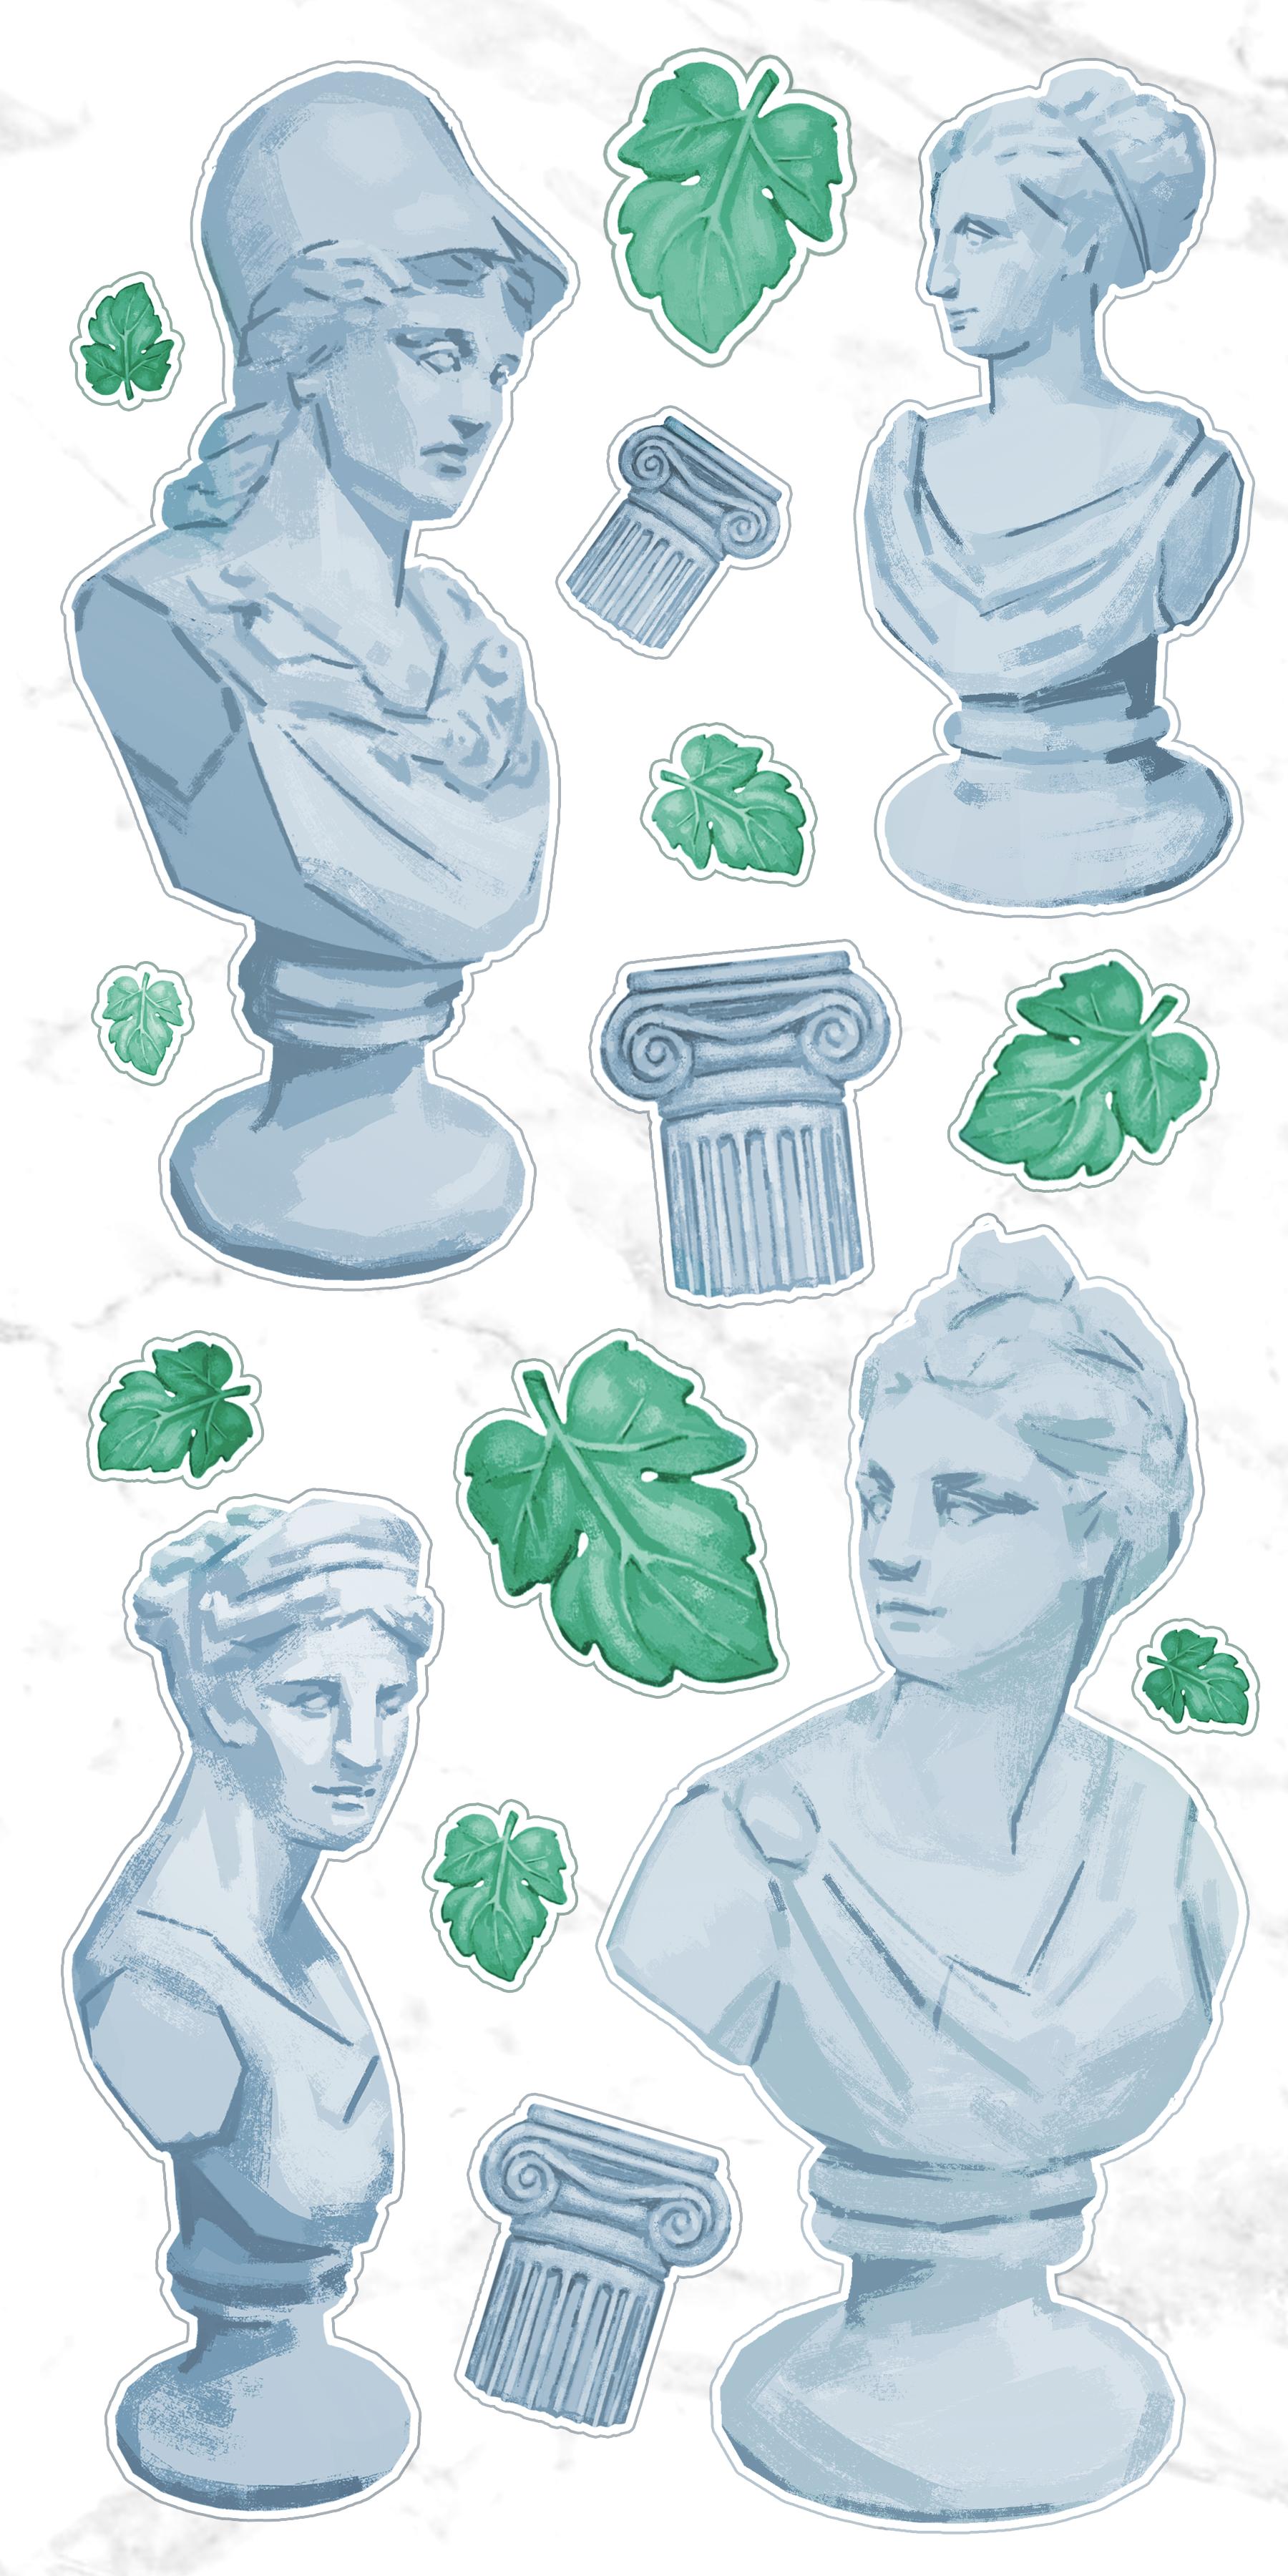 Statuette Stickers